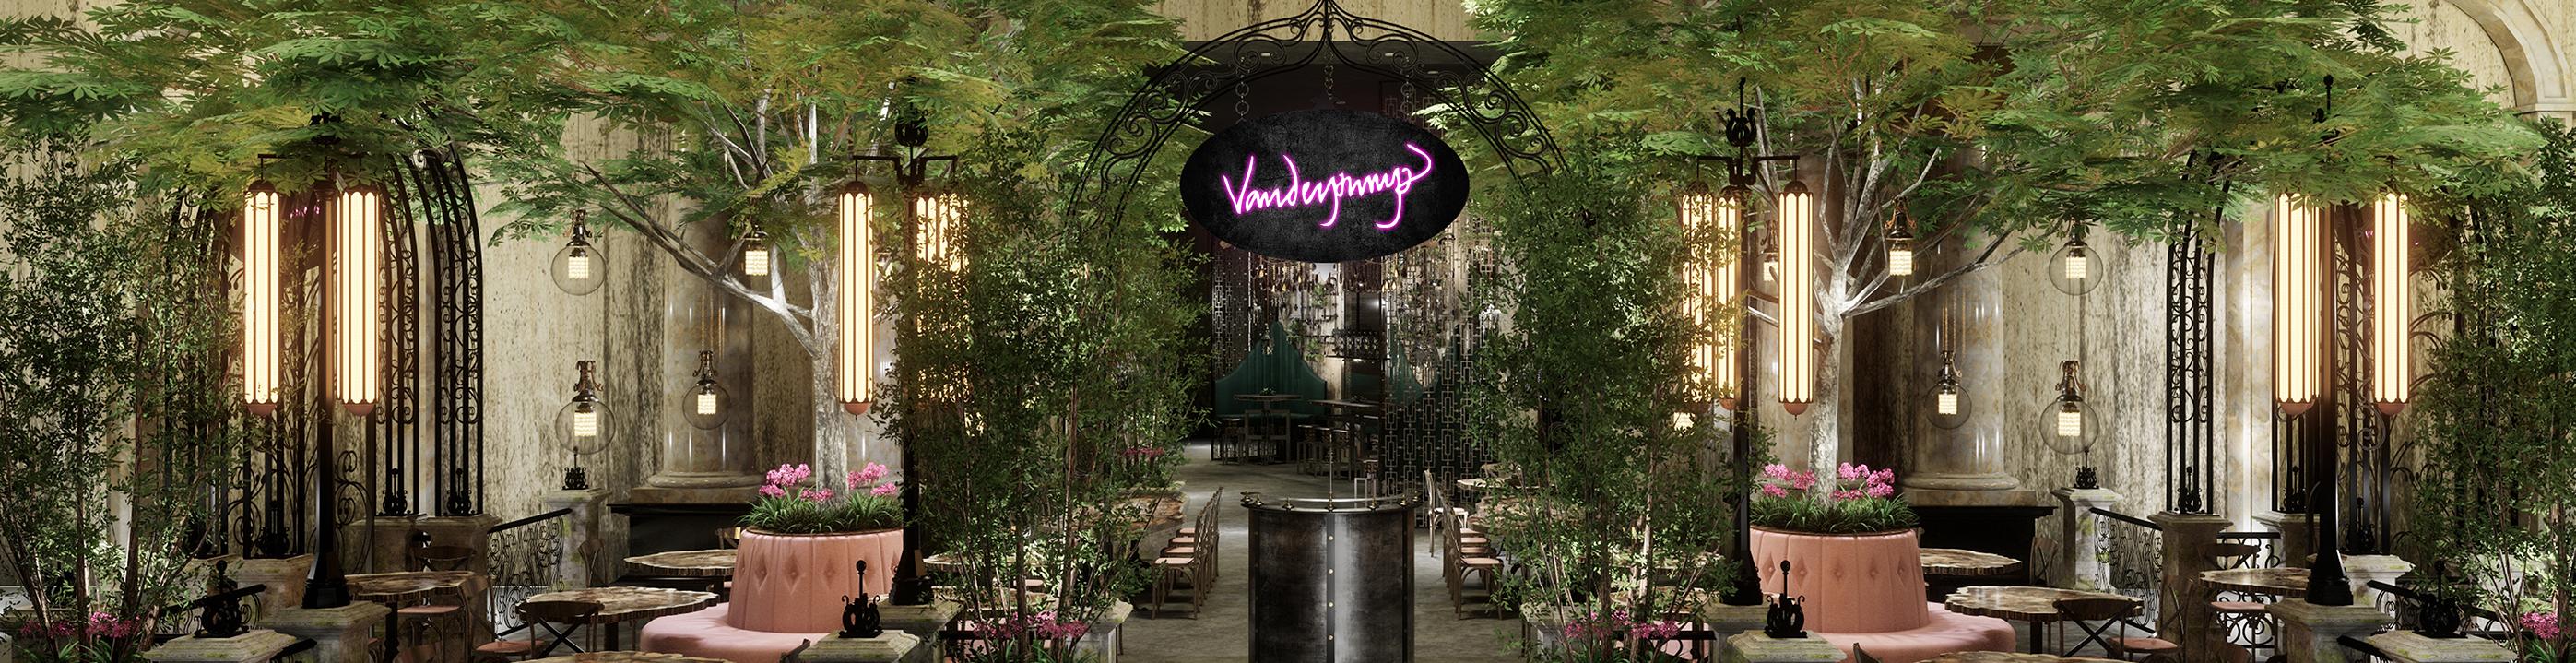 Vanderpump Cocktail Garden